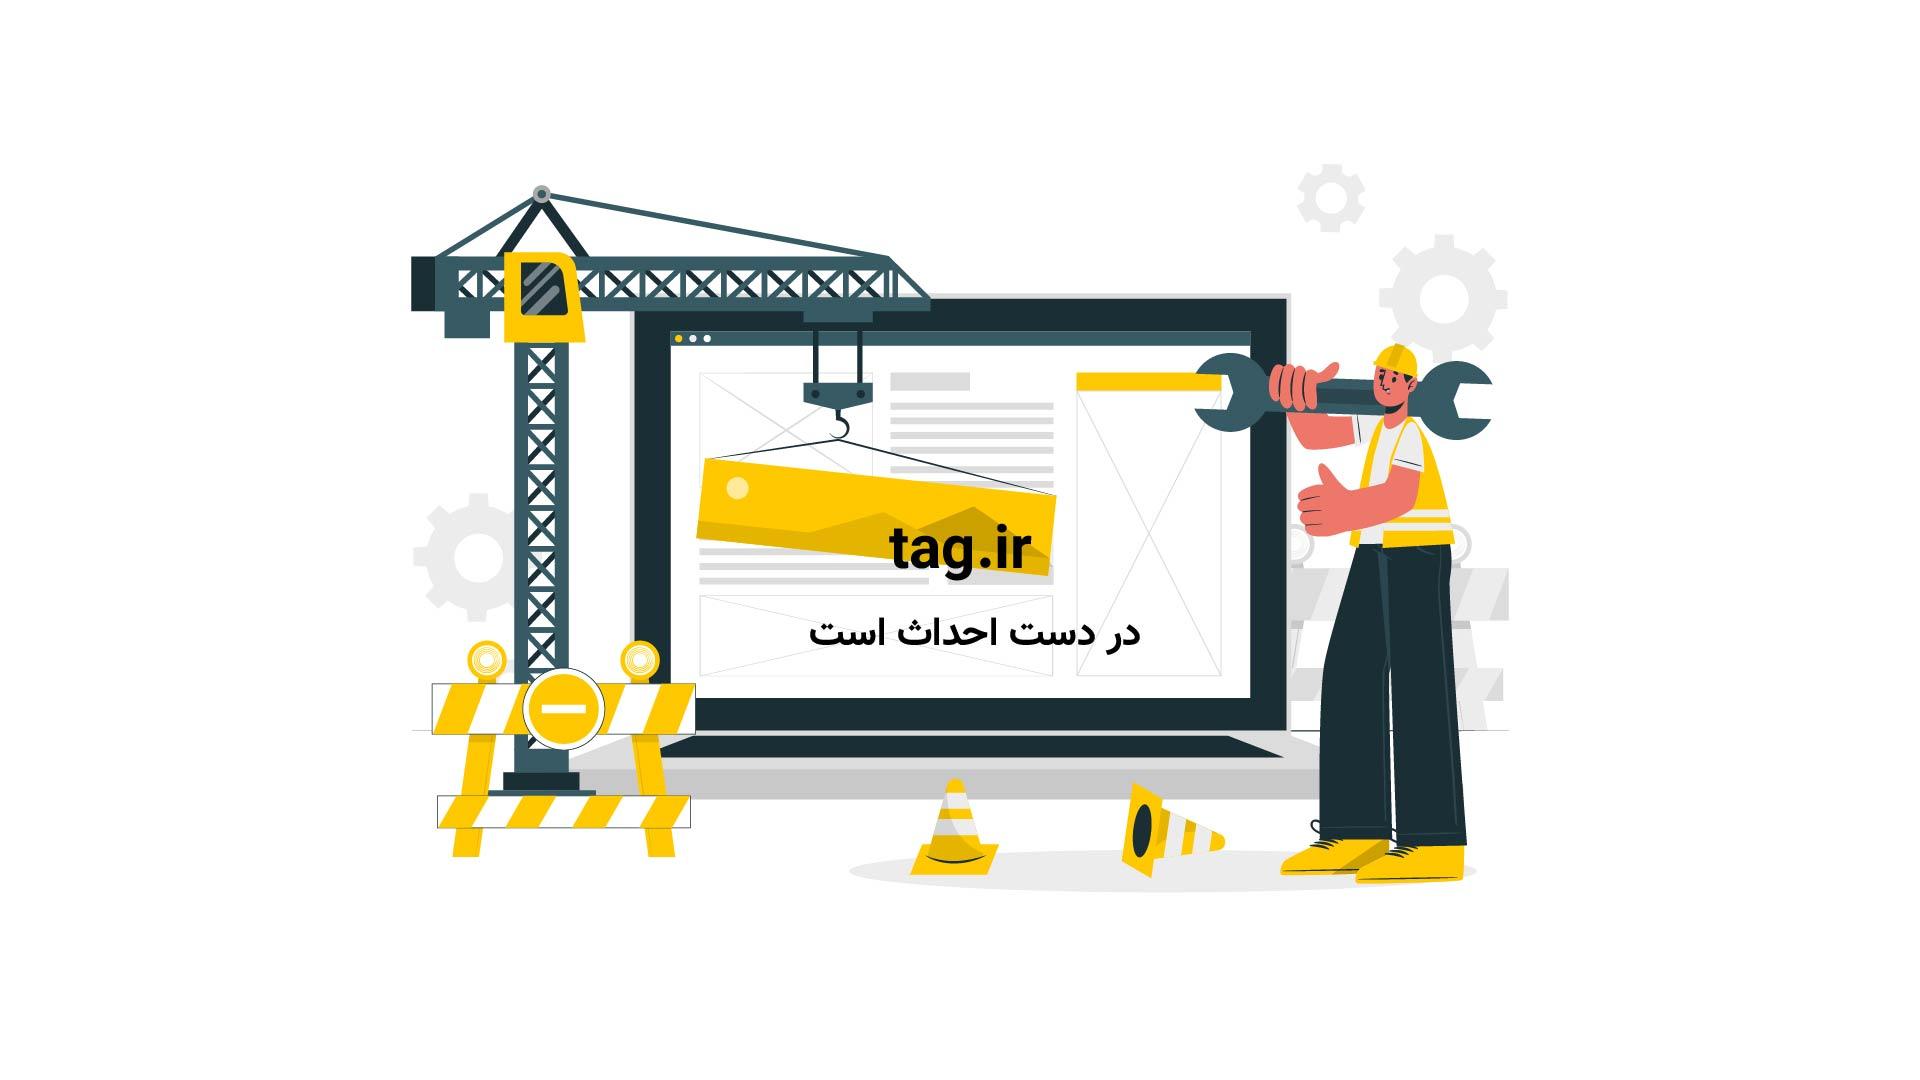 نجات معجزه آسا مرد دوچرخه سوار از تصادف با قطار | فیلم